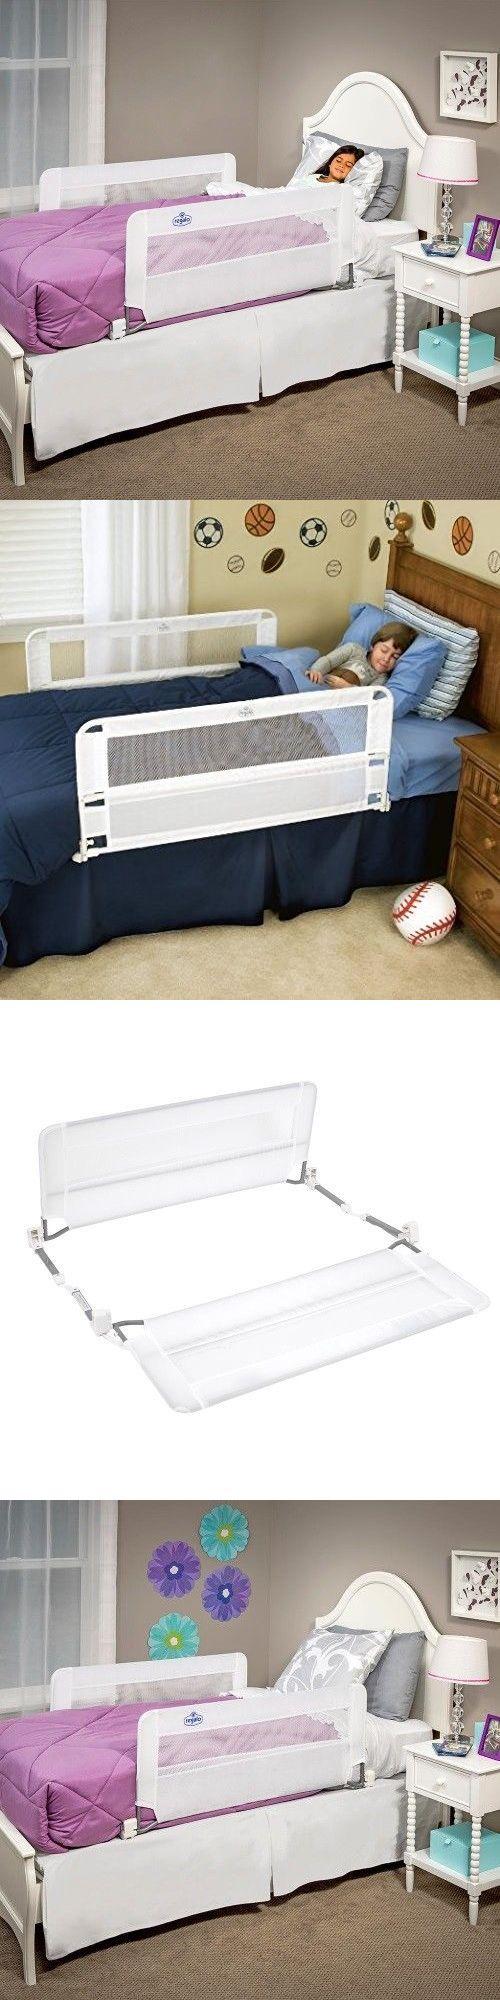 best 25 bed rails ideas on pinterest toddler bed rails bed guard for toddler bed and bed. Black Bedroom Furniture Sets. Home Design Ideas